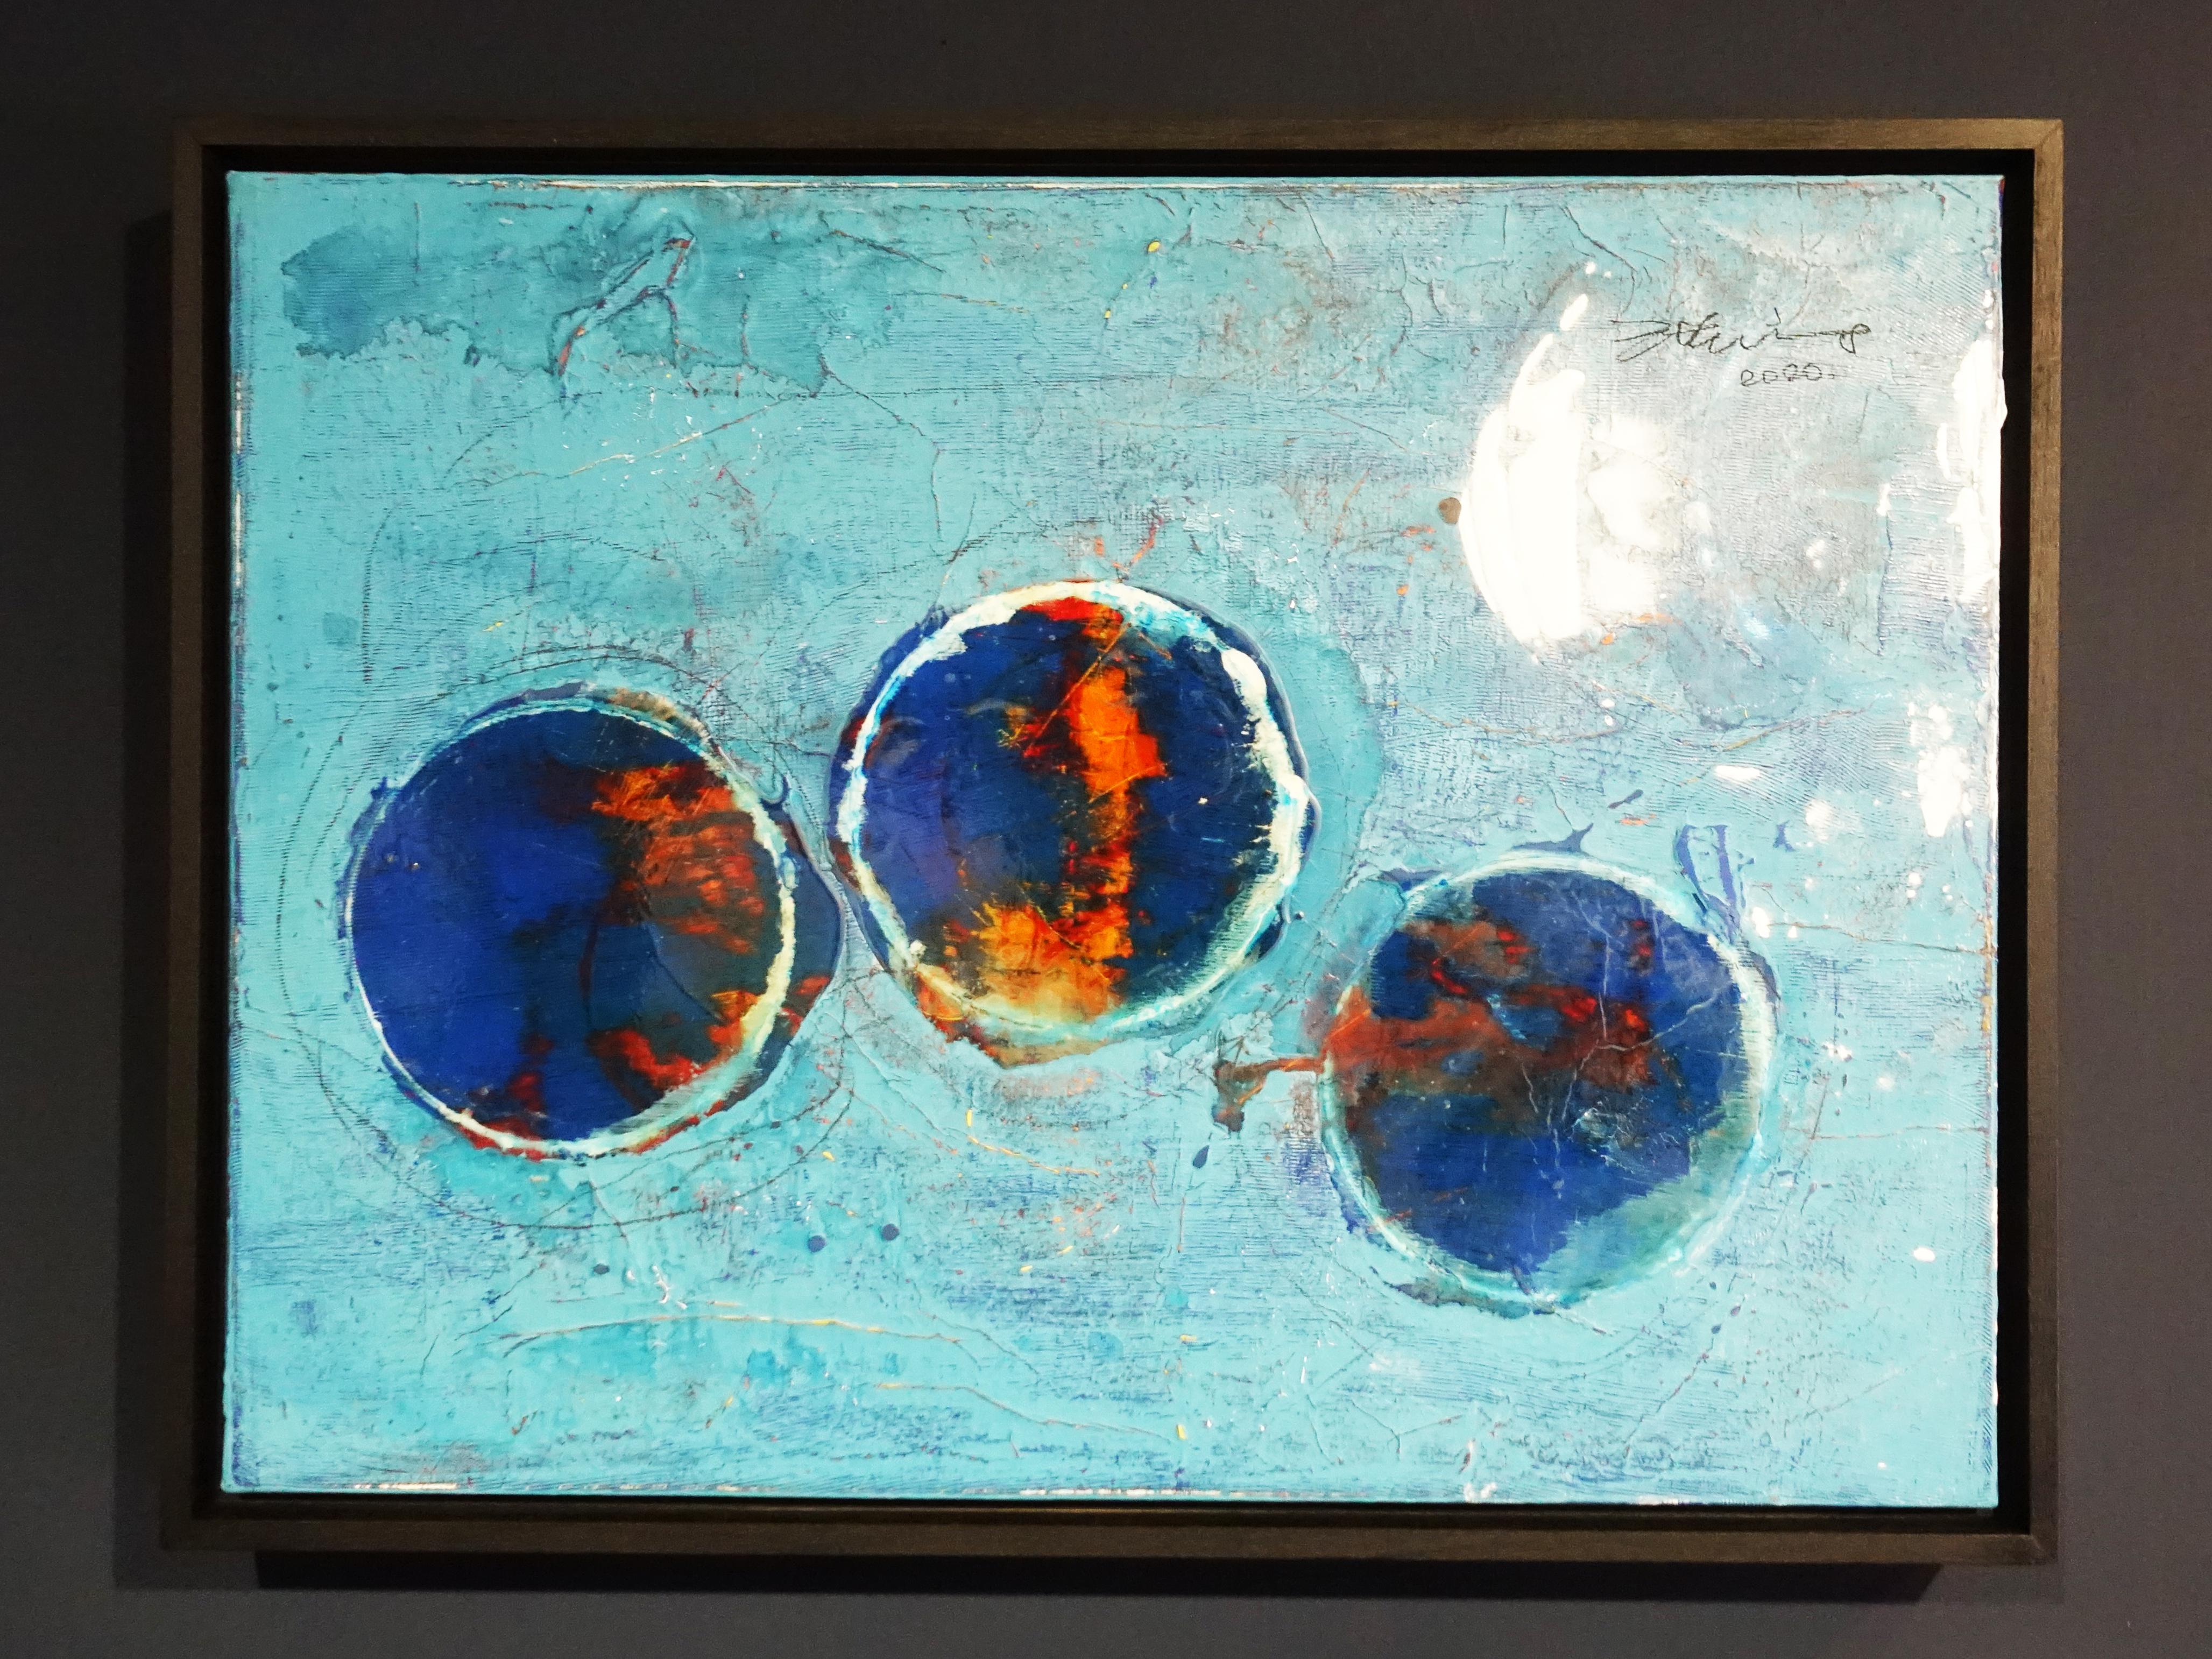 洪明爵,《圈圈》,60.5 x45.5 cm,複合媒材,2020。